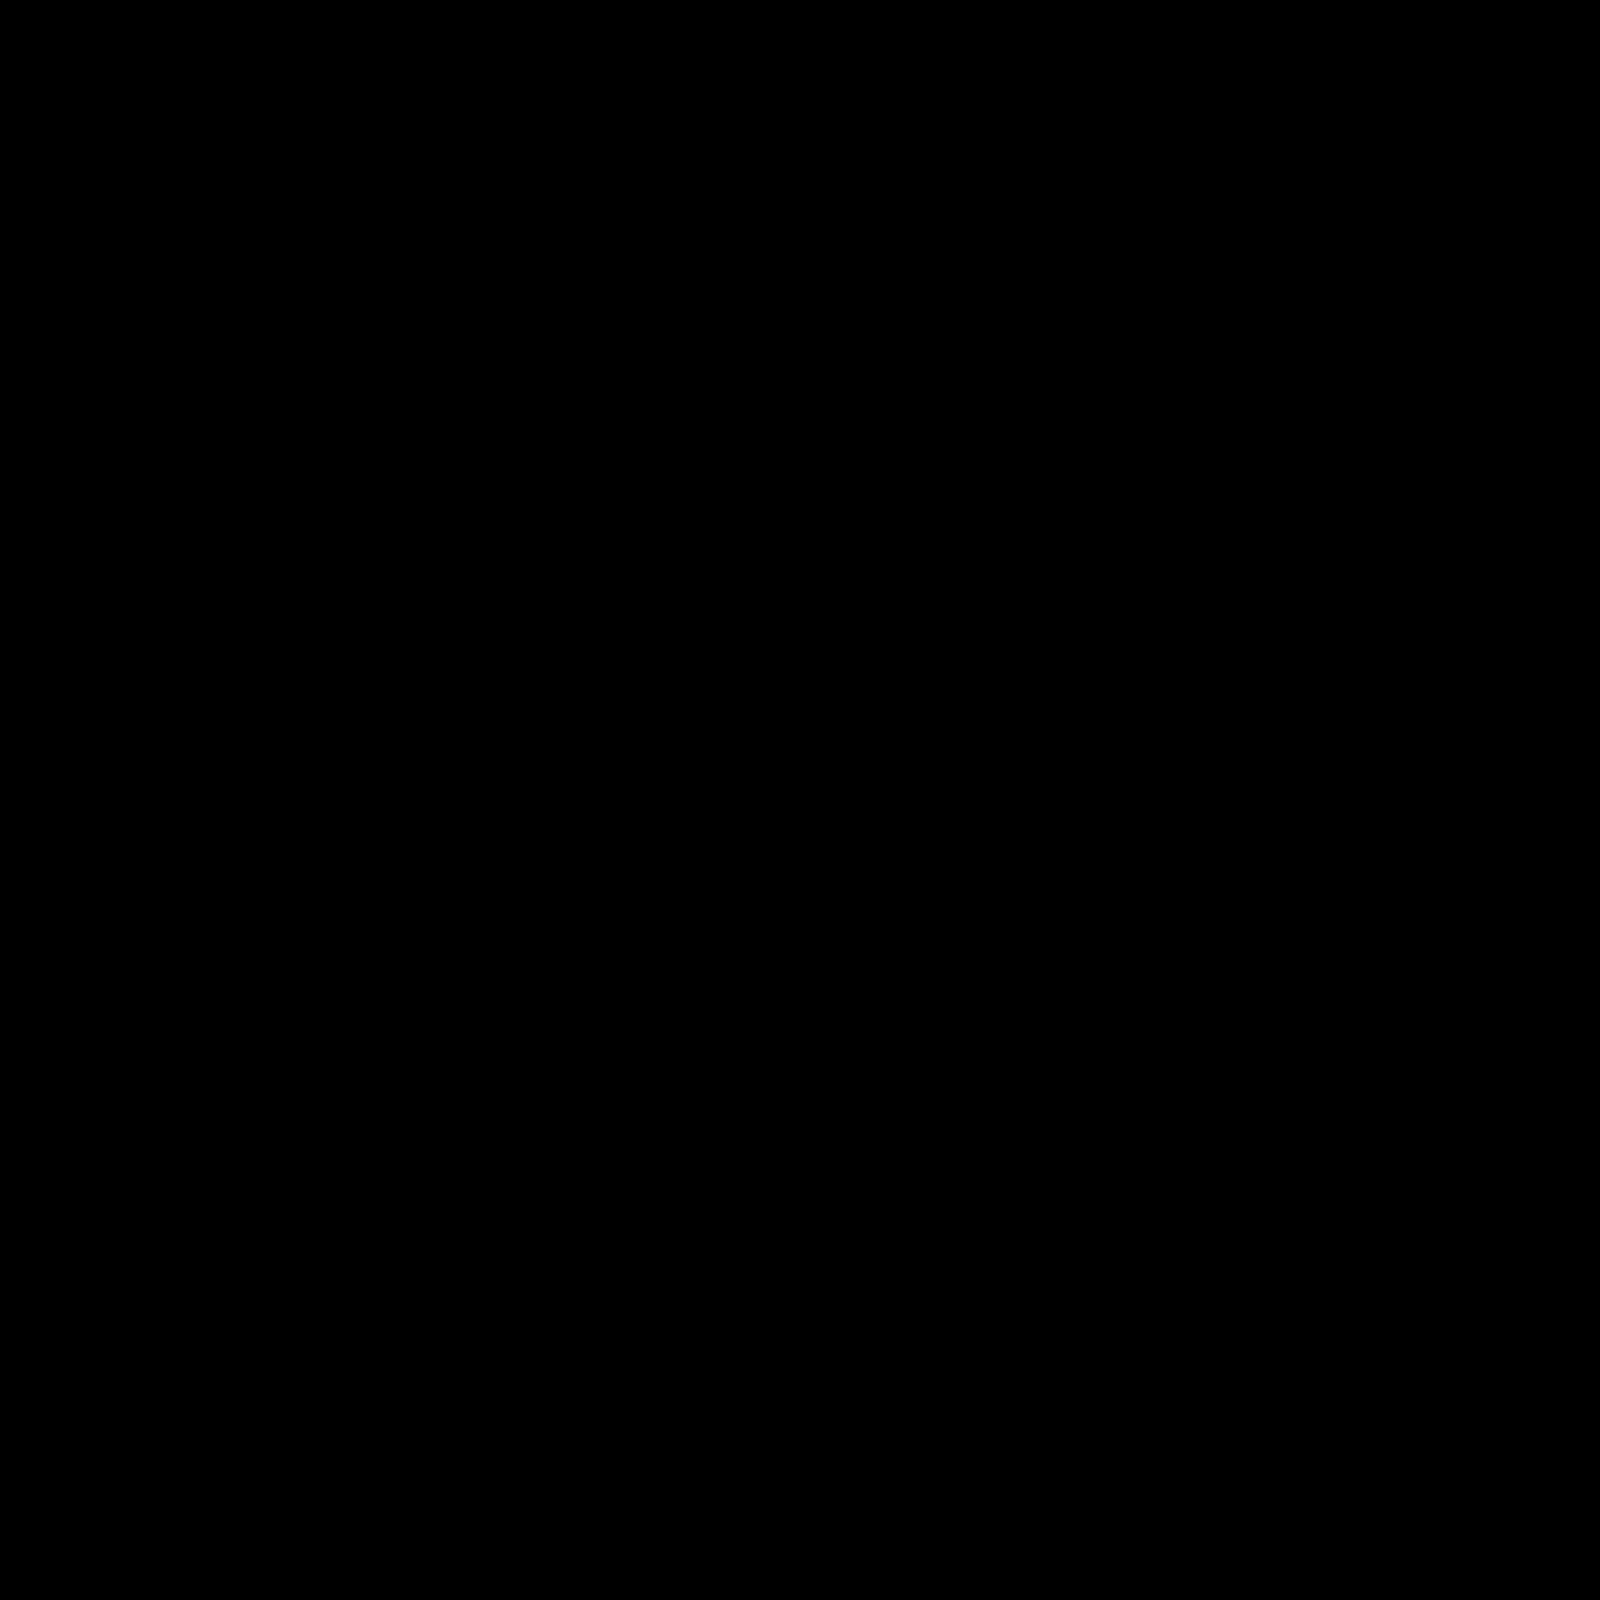 红外光束发送 icon. This object is made up by half of a bracket symbol with a half of a circle in the middle of it. To the right of the circle are 5 curved lines going from smallest to largest.